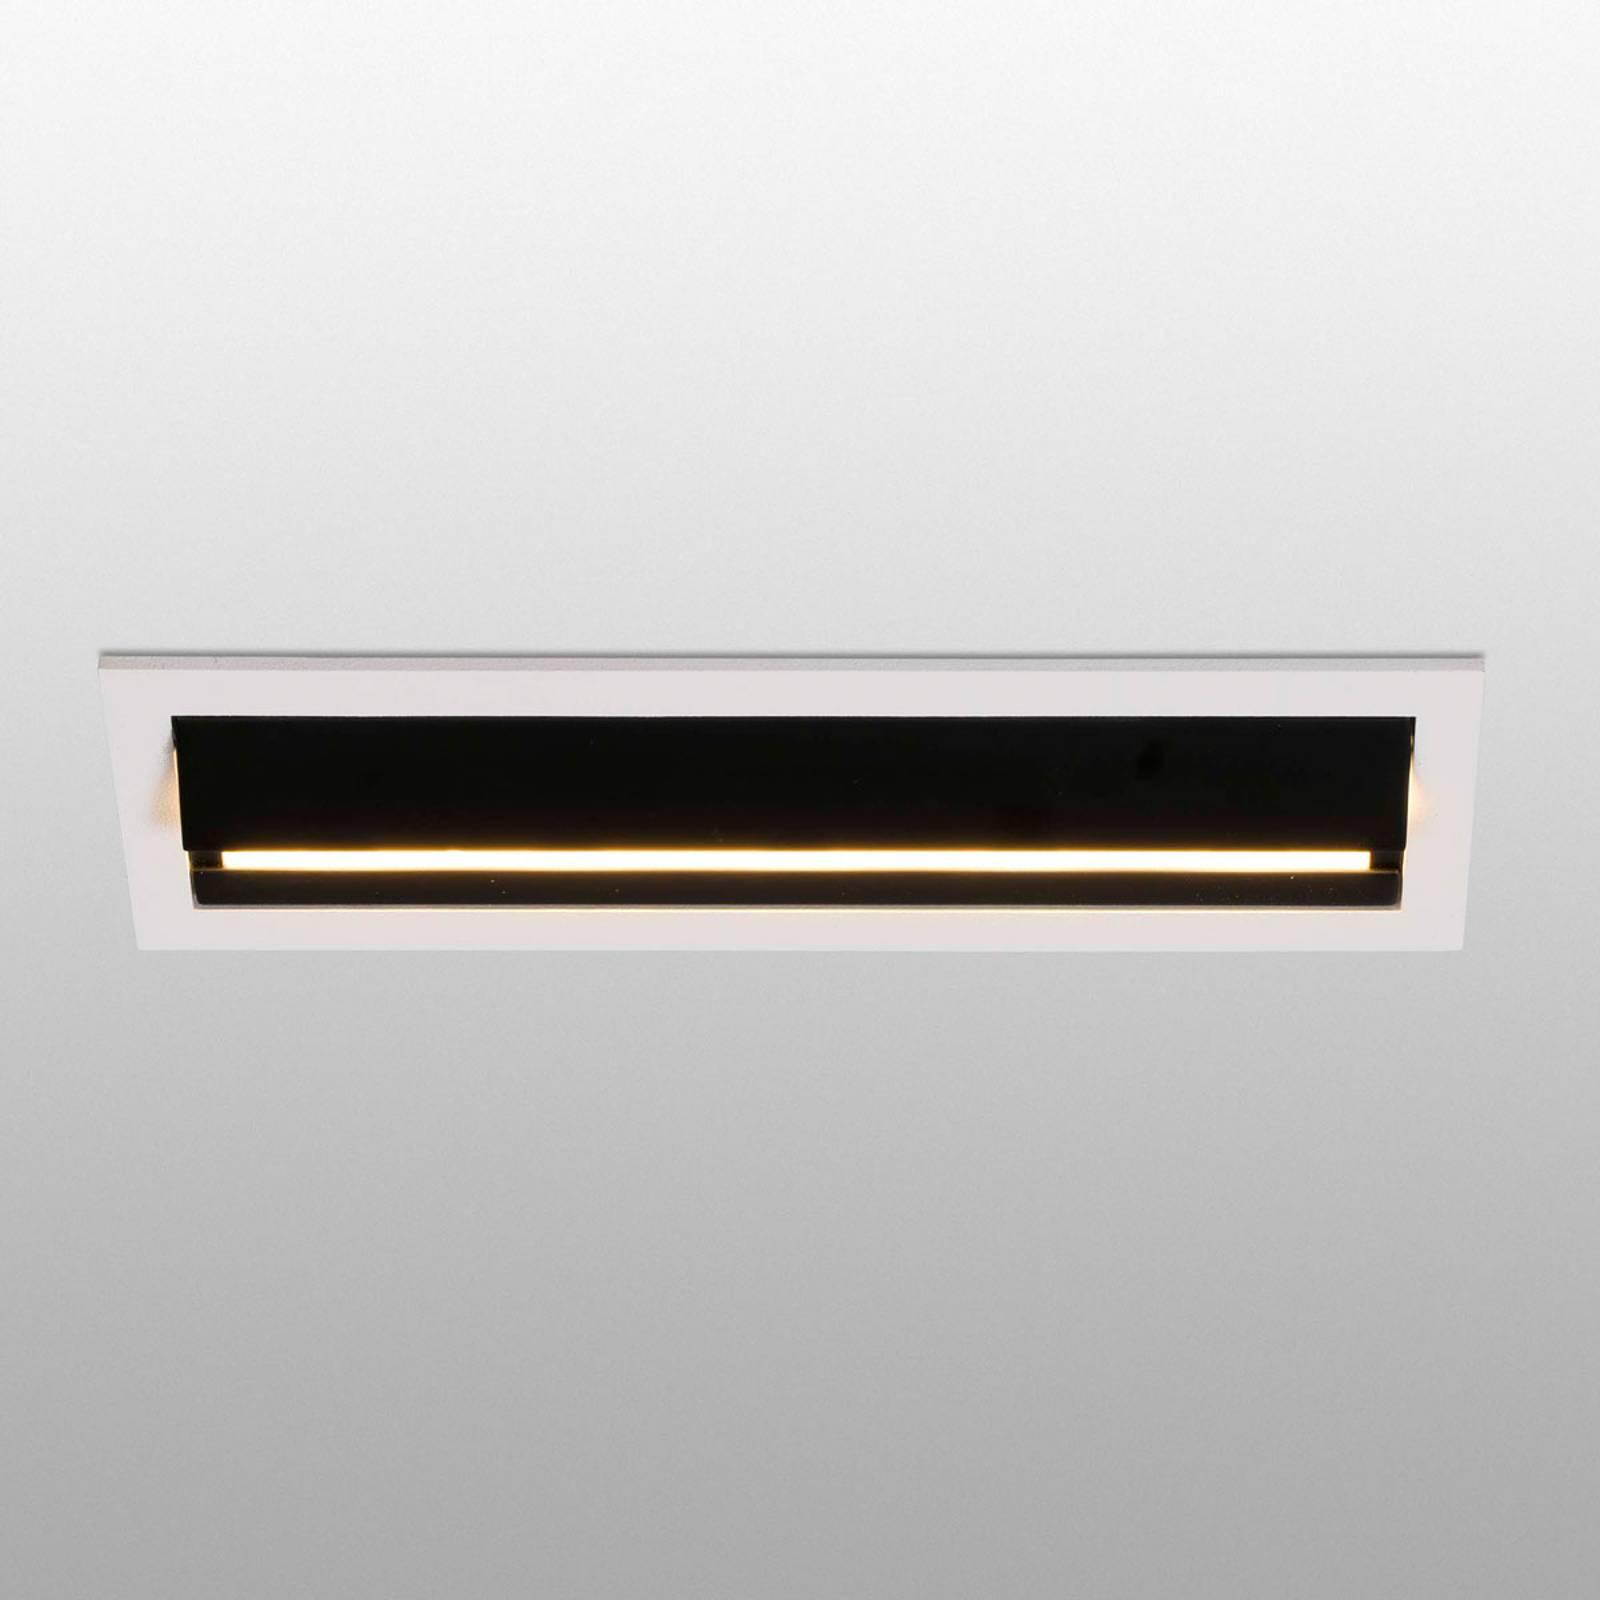 LED-Wallwasher Troop, uppovalaisin kehyksellä